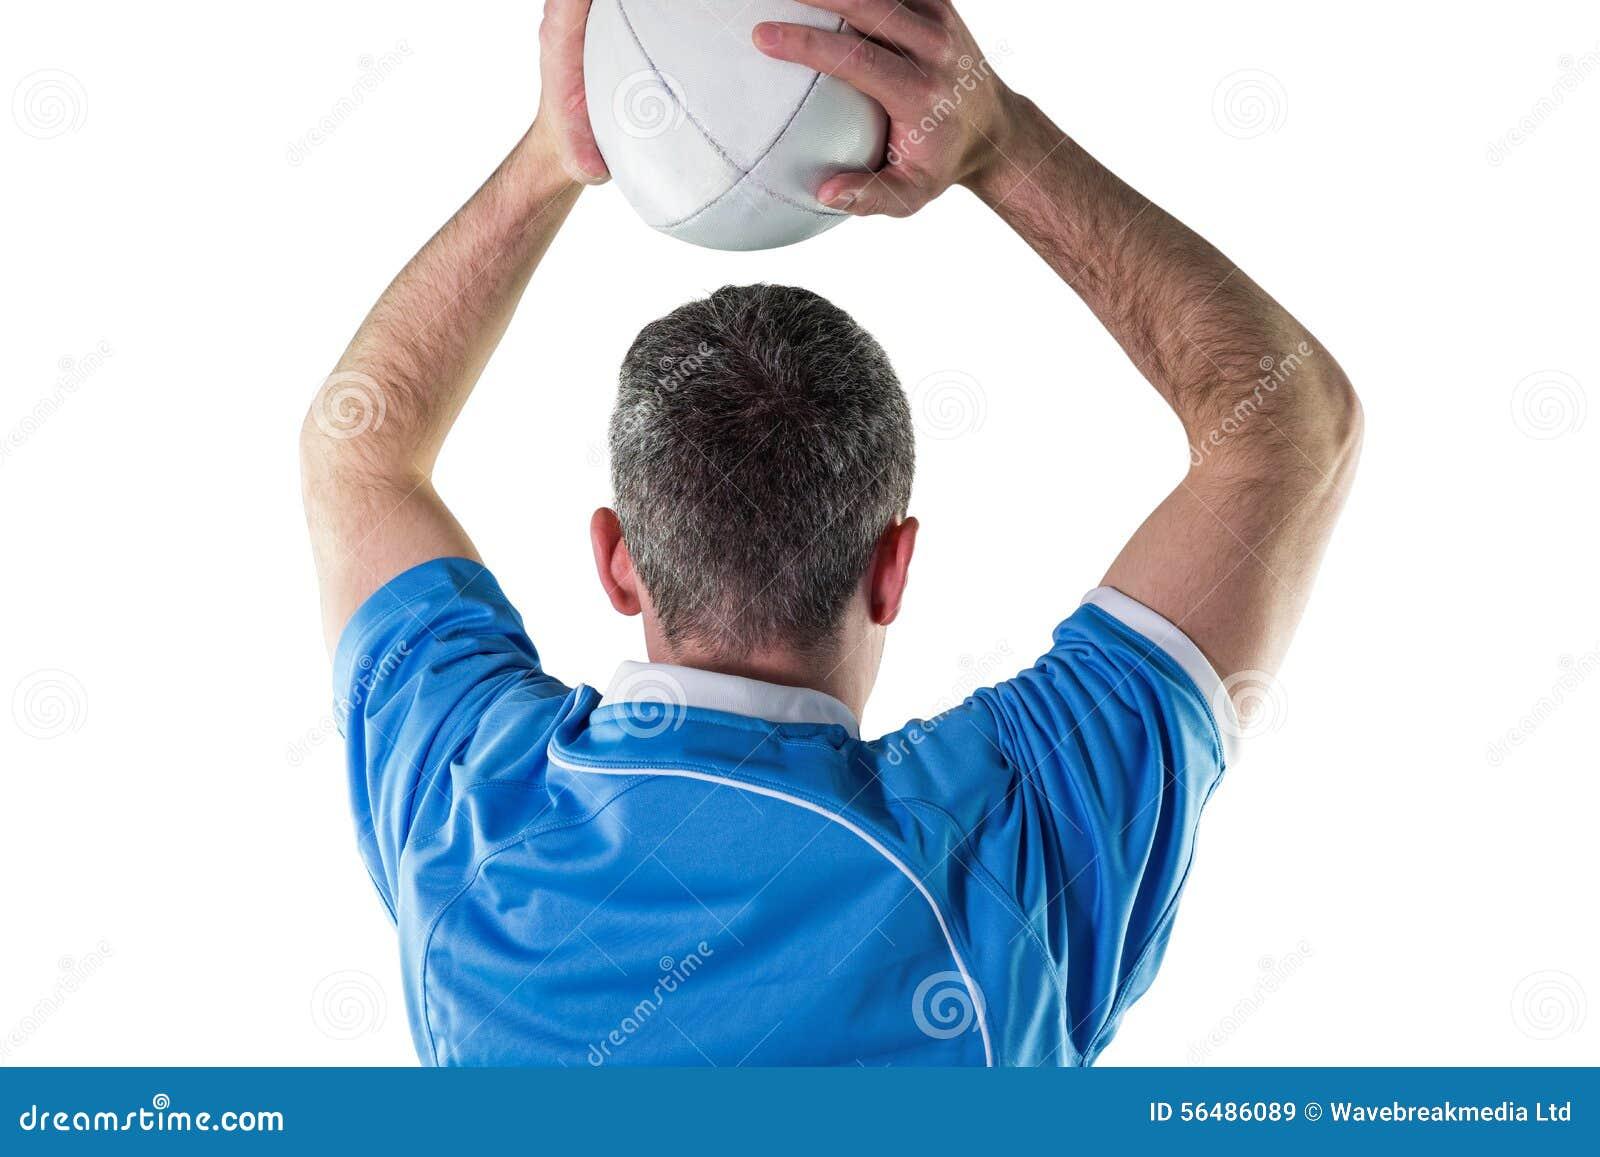 Joueur de rugby environ pour jeter une boule de rugby